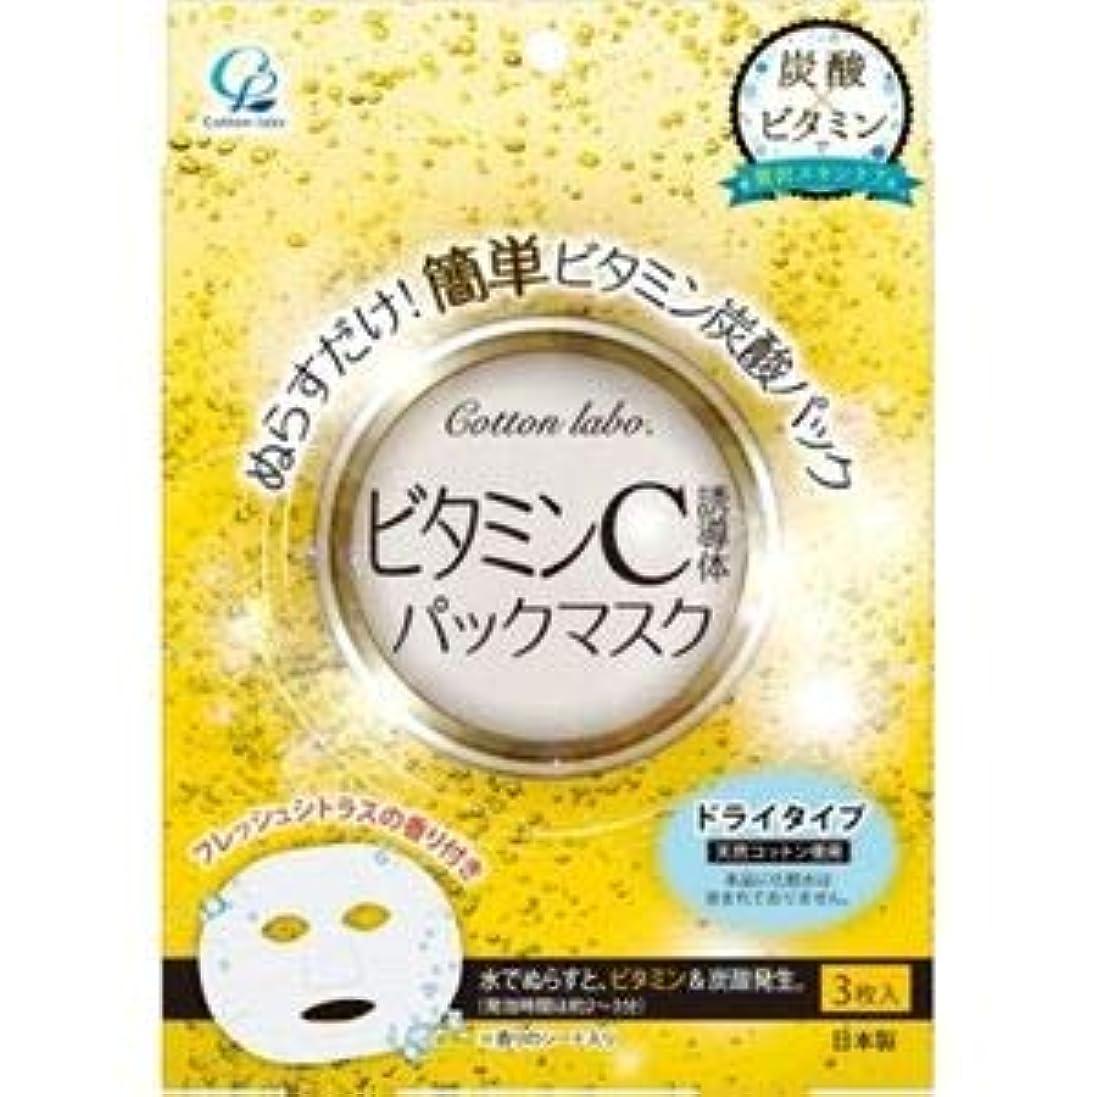 ペック民族主義労苦(まとめ)コットンラボ ビタミンパックマスク3枚 【×3点セット】